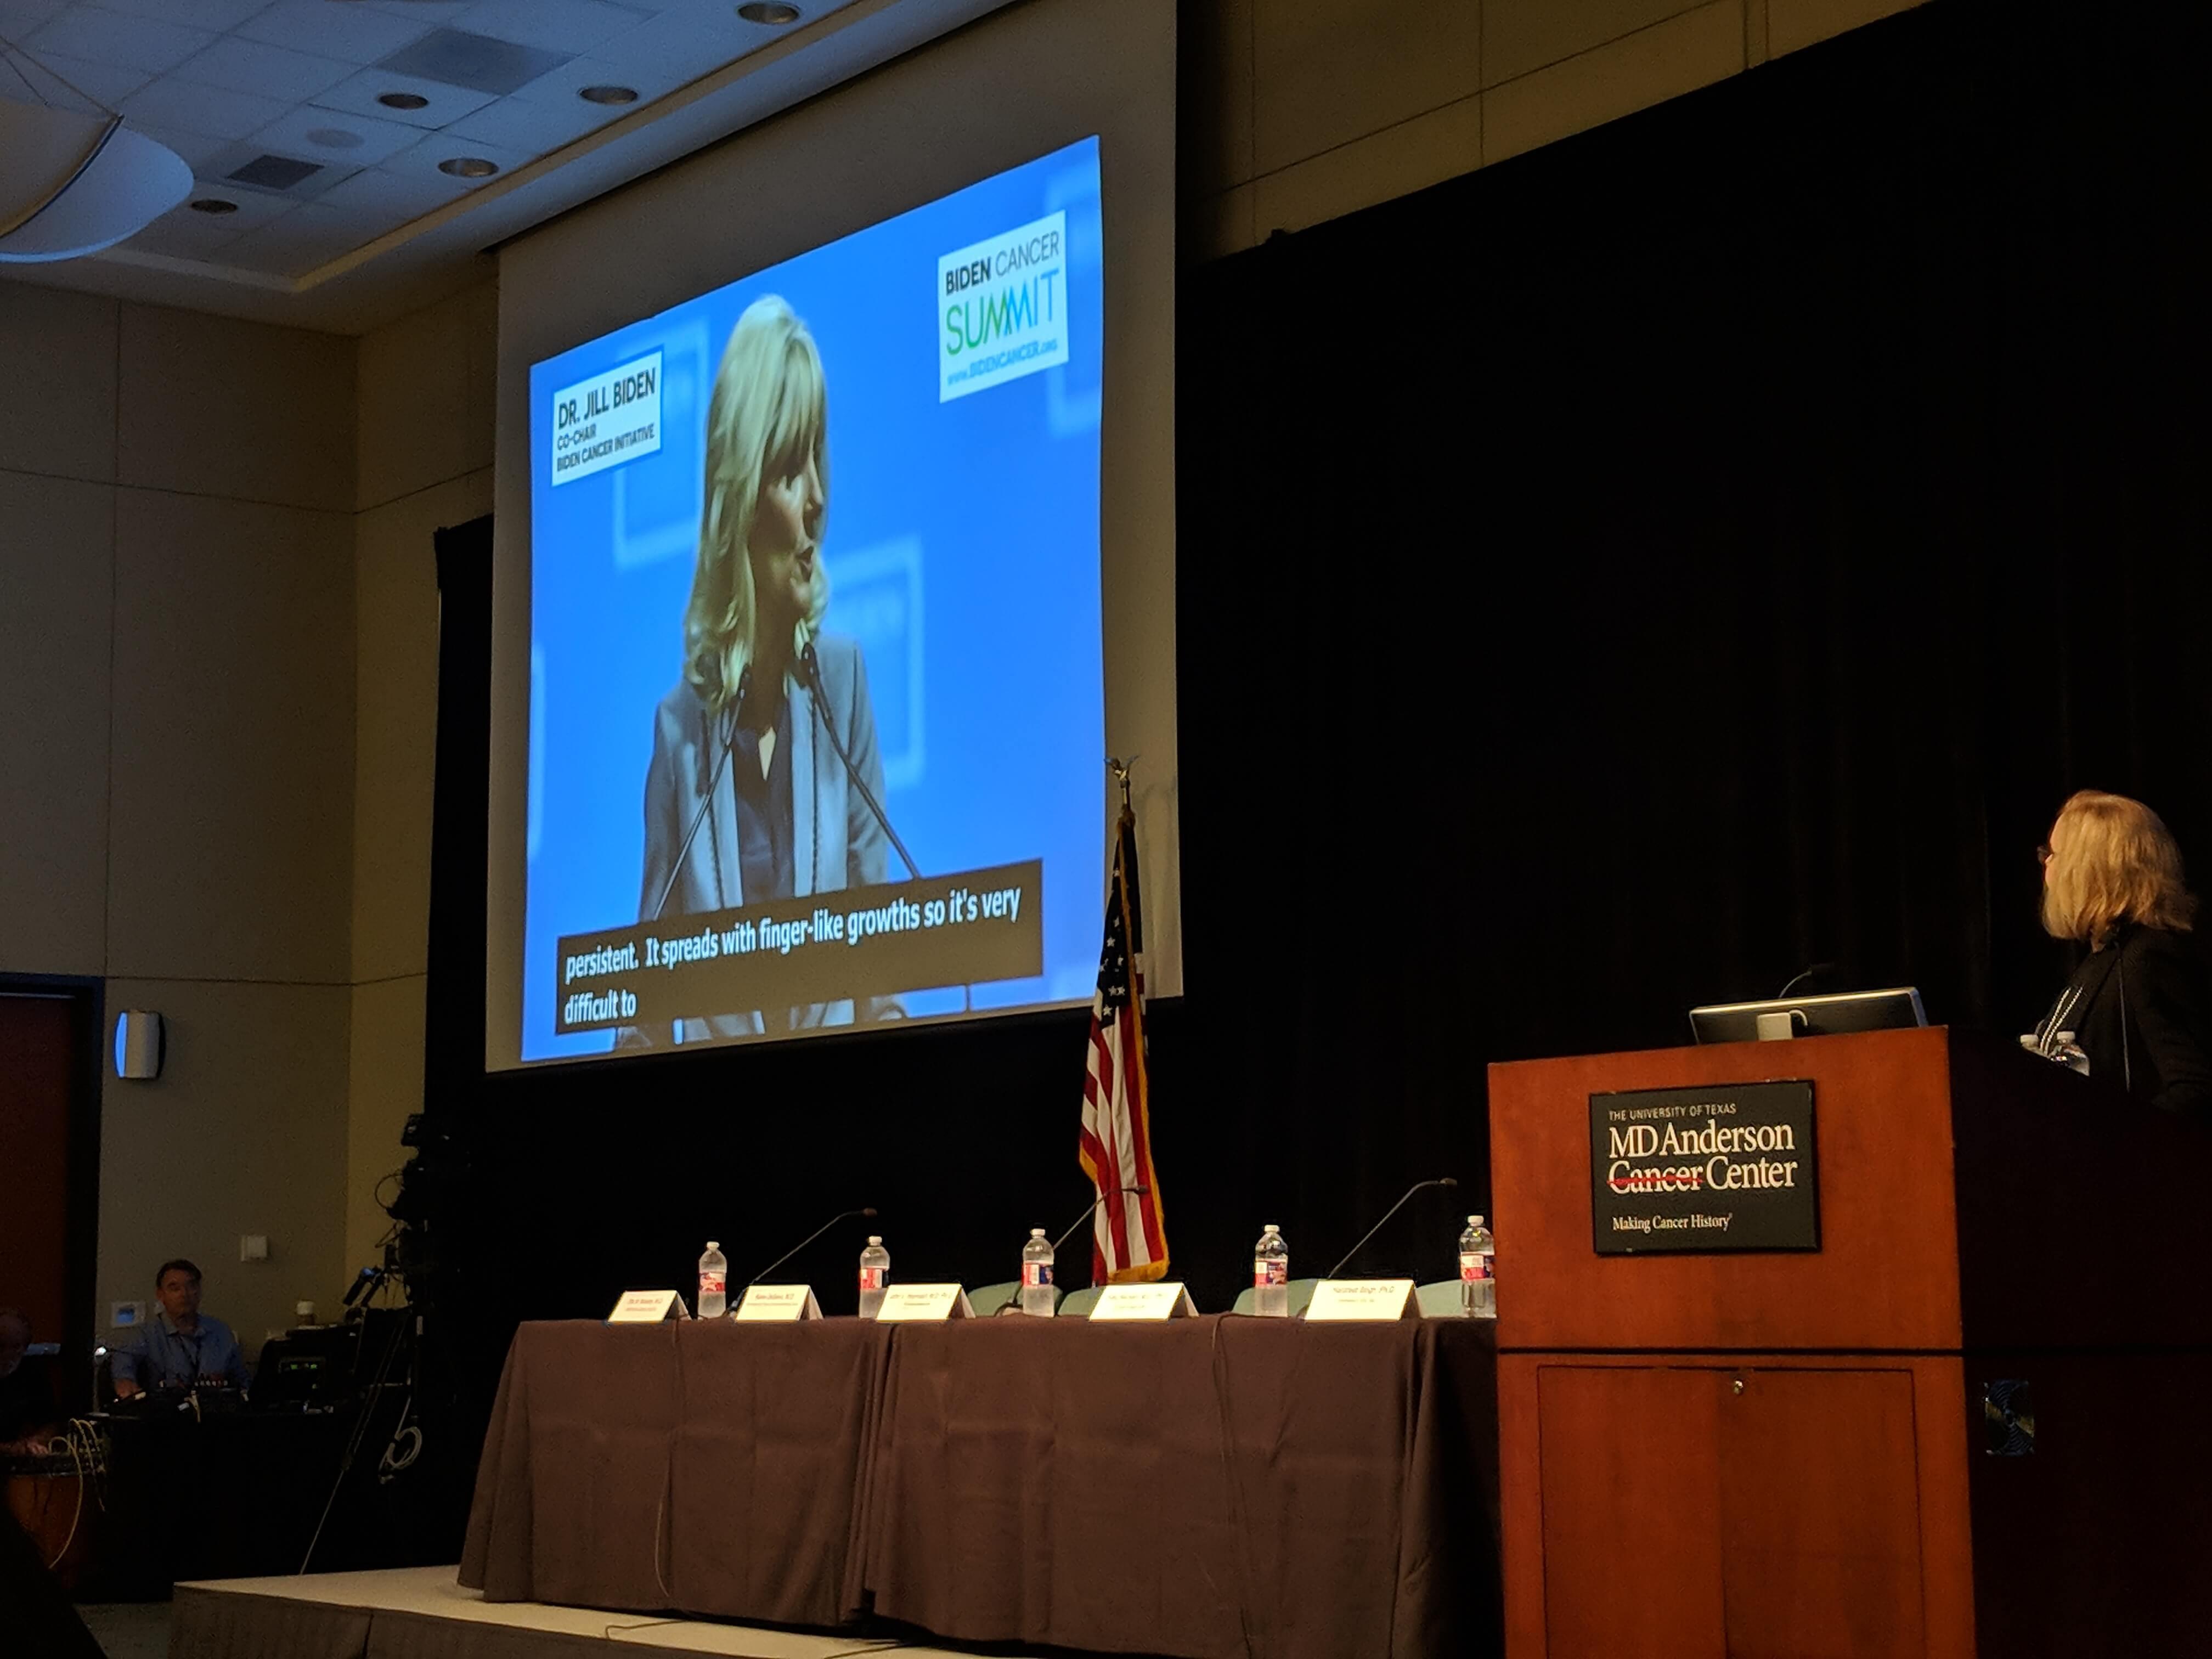 Dr. Jill Biden's speech was live-streamed during the event.